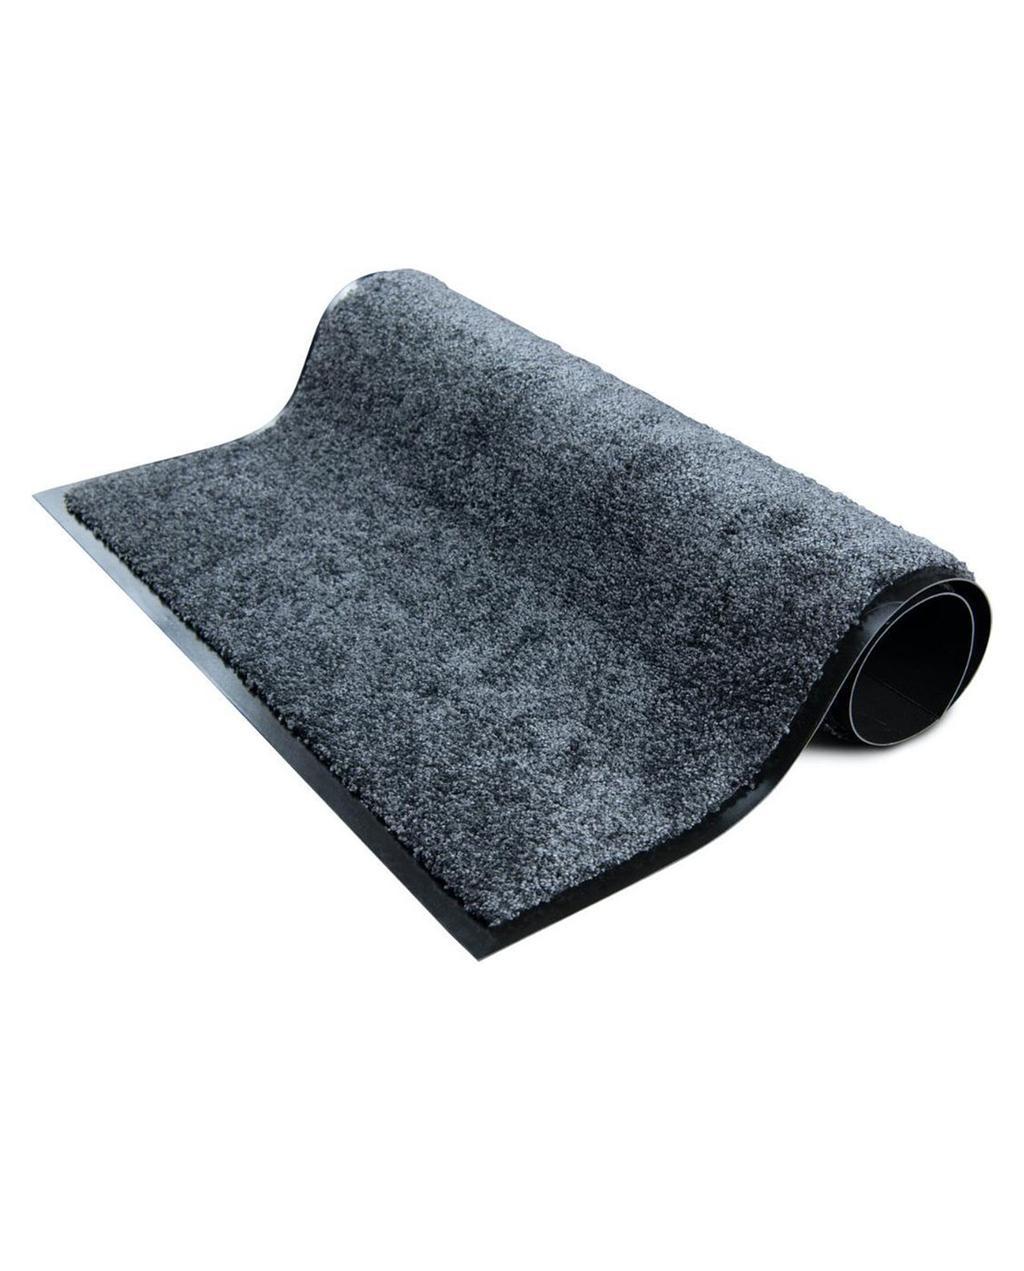 Zwarte grijze deurmat zodat je droog naar binnen loopt